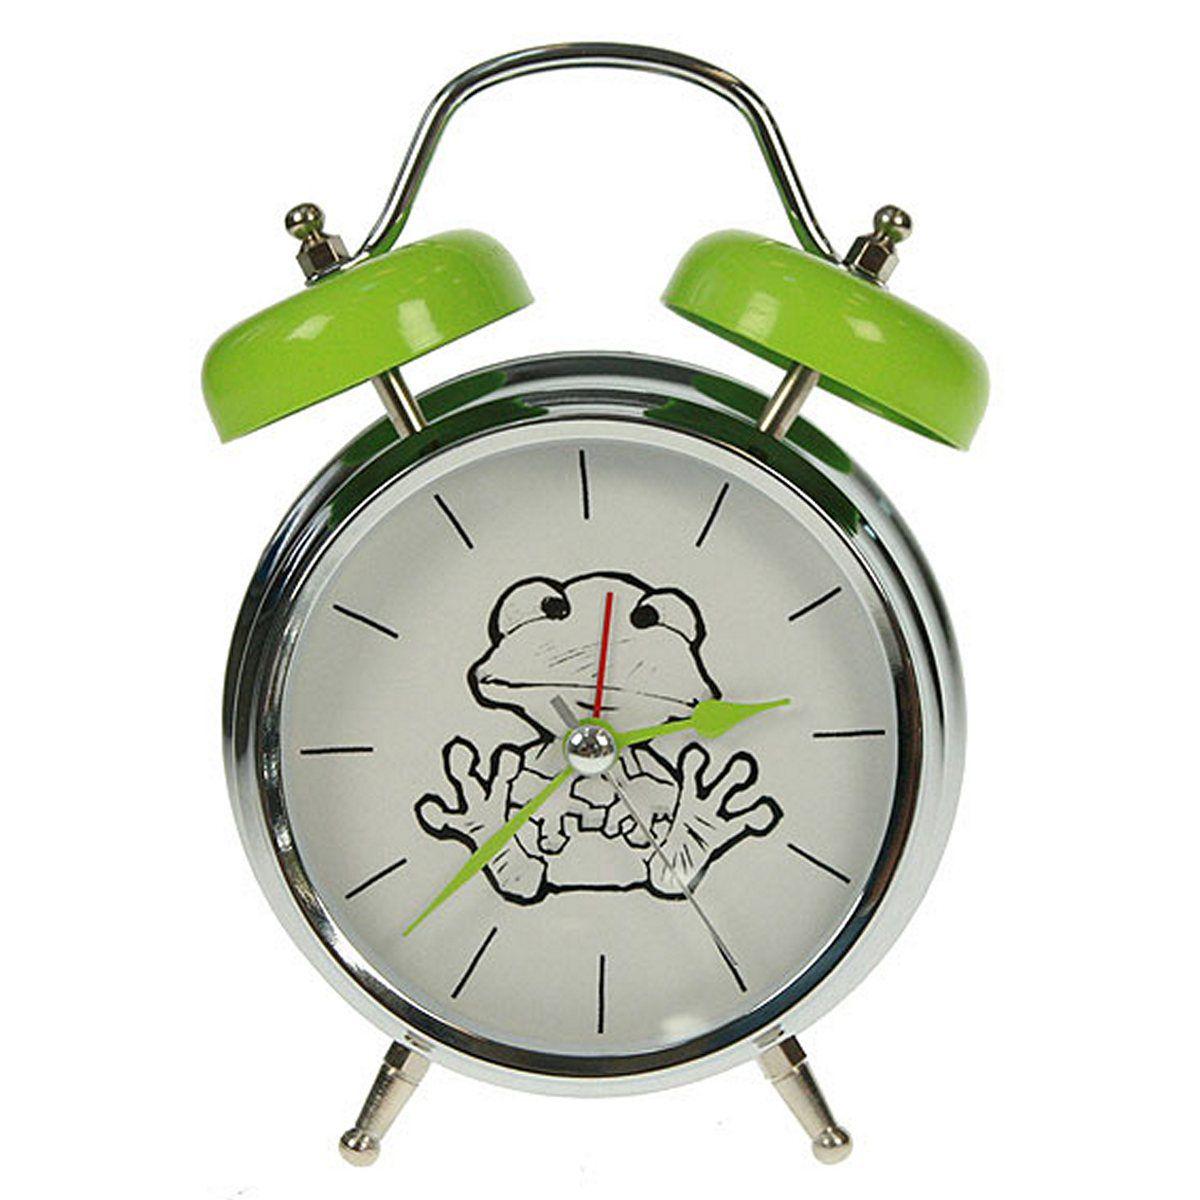 Часы настольные Русские Подарки Лягушка, с функцией будильника, 12 х 6 х 17 см. 23241494672Настольные кварцевые часы Русские Подарки Лягушка изготовлены из металла, циферблат защищен стеклом. Оригинальное оформление в виде смешной лягушки поднимет настроение, а благодаря функции будильника вы проснетесь вовремя. Часы имеют три стрелки - часовую, минутную и секундную.Такие часы украсят интерьер дома или рабочий стол в офисе. Также часы могут стать уникальным, полезным подарком для родственников, коллег, знакомых и близких.Часы работают от батареек типа АА (в комплект не входят).